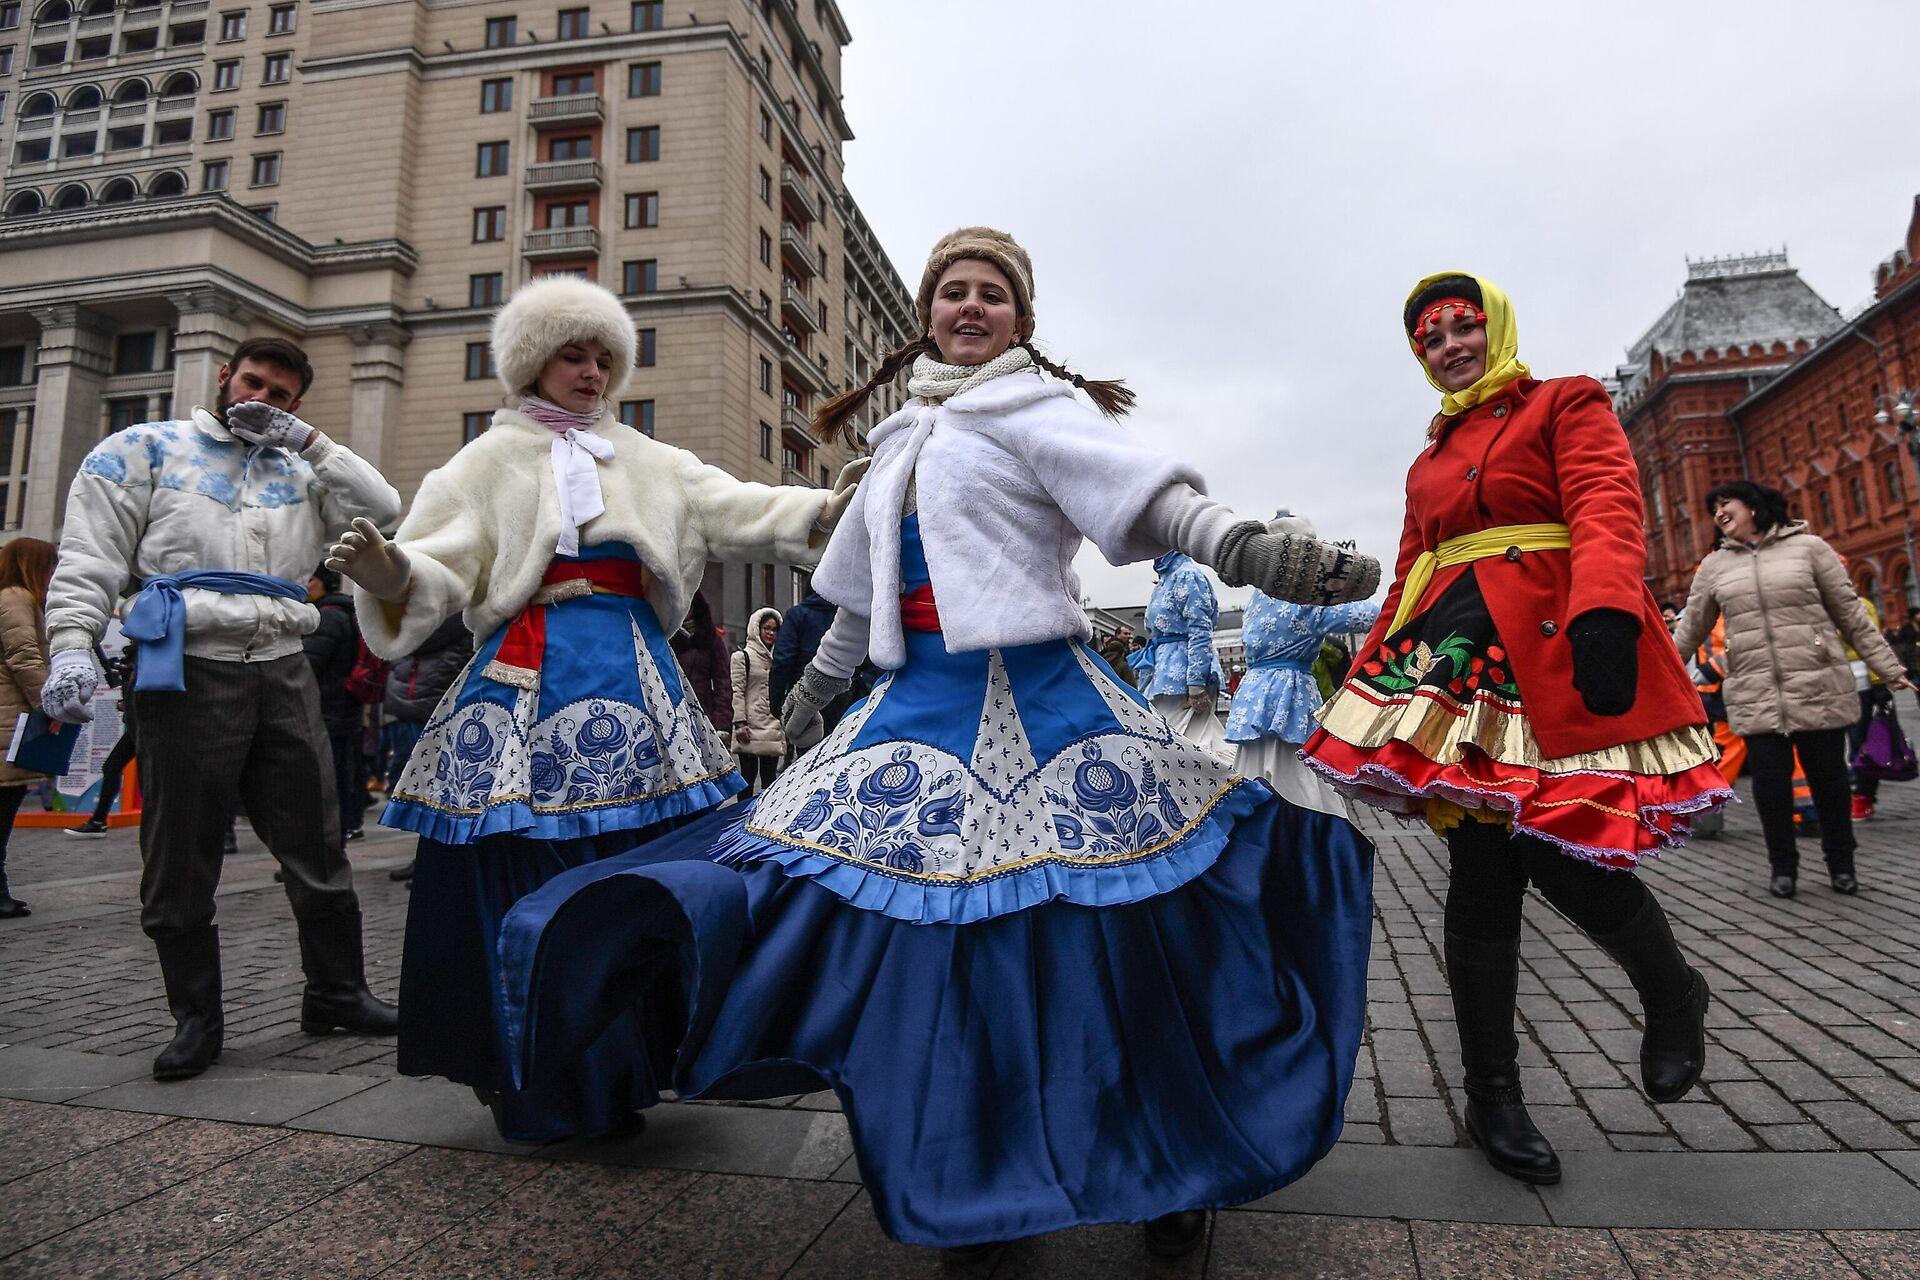 Участники фестиваля День народного единства на Манежной площади в Москве - РИА Новости, 1920, 13.10.2021